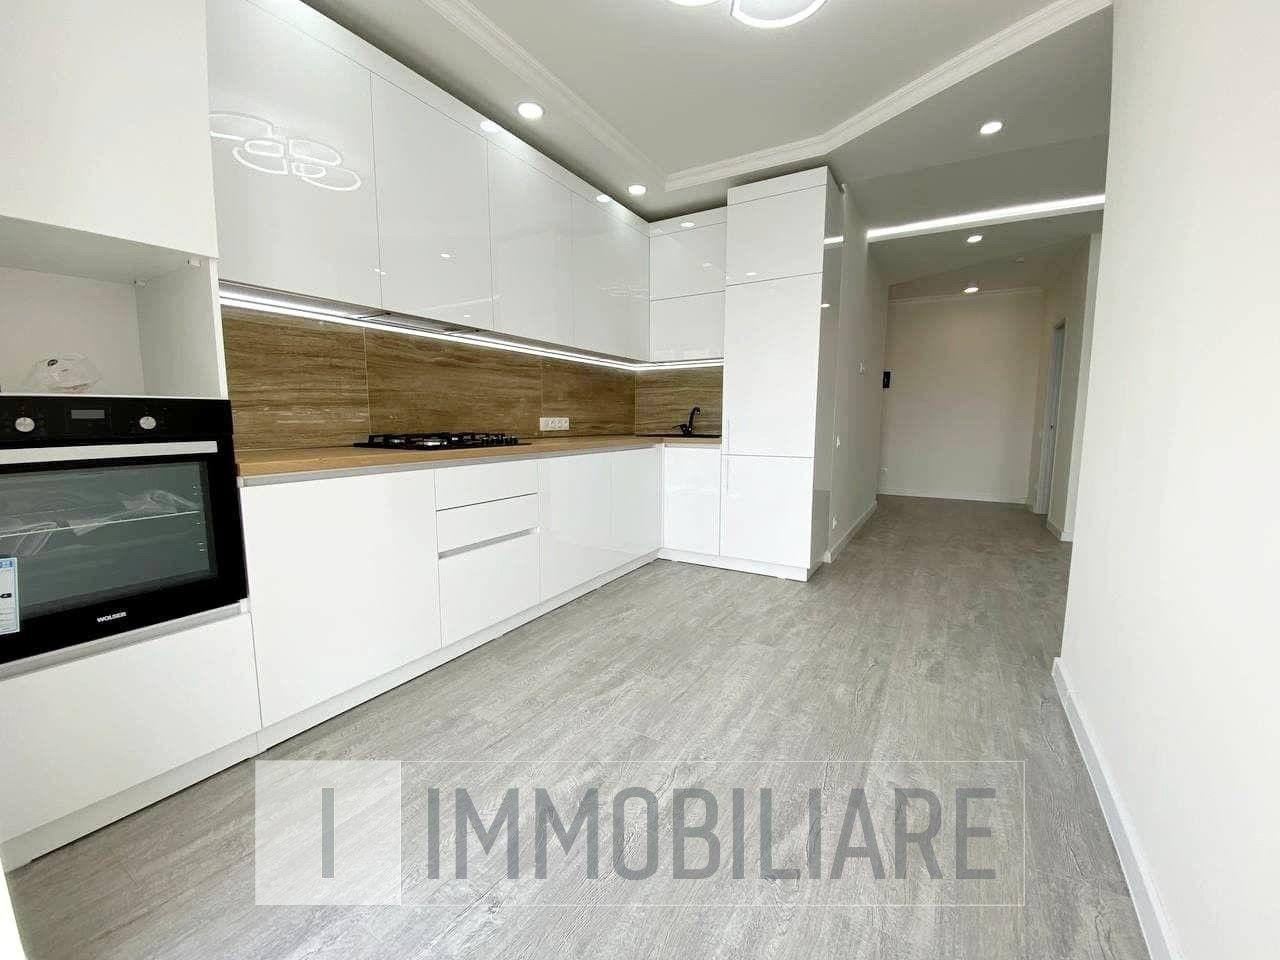 Apartament cu 1 cameră+living, sect. Centru, str. Albișoara